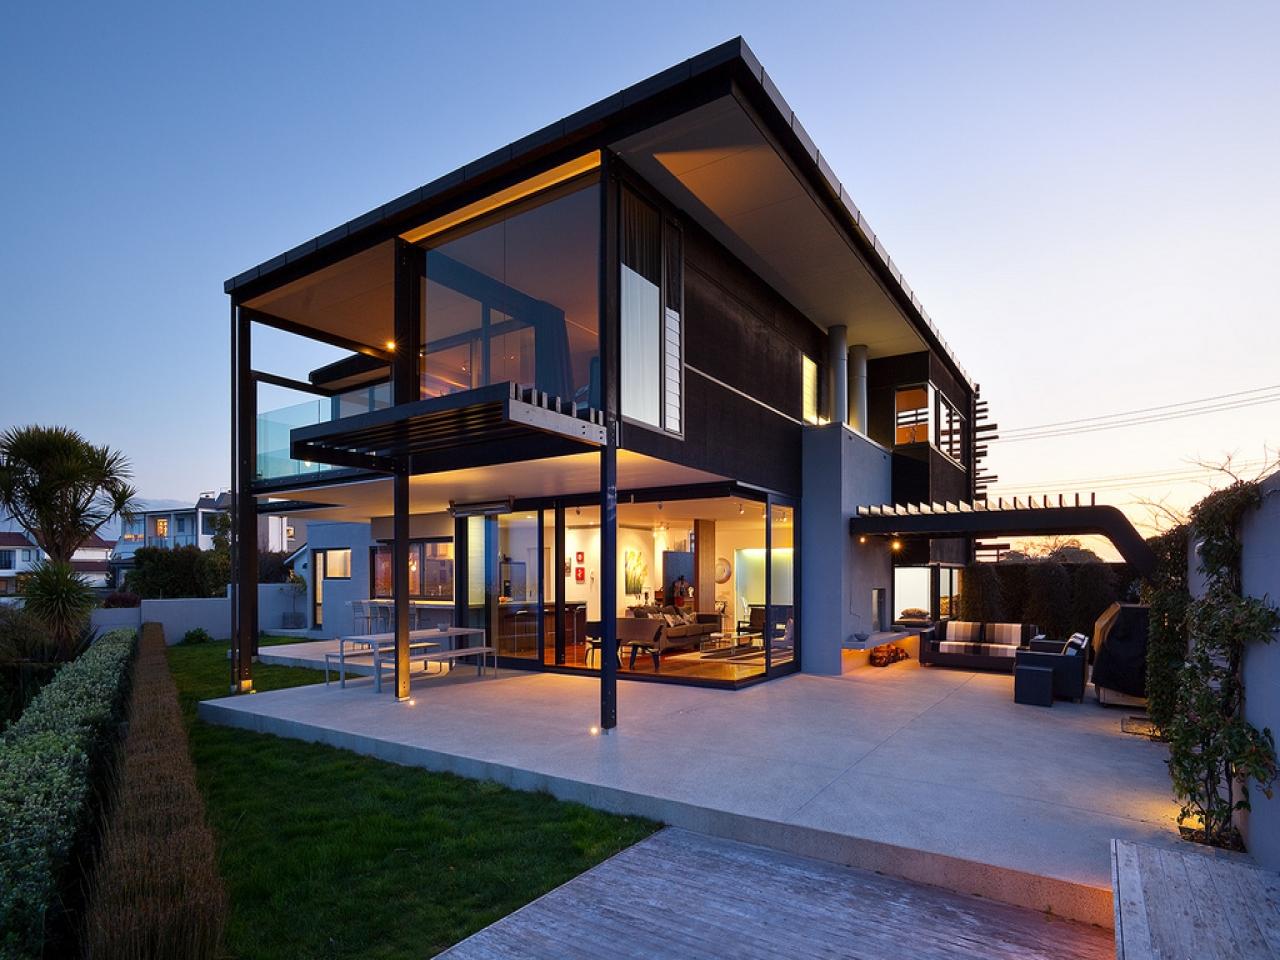 Casas Prefabricadas De Acero Galvanizado Precios Y Fotos 2018